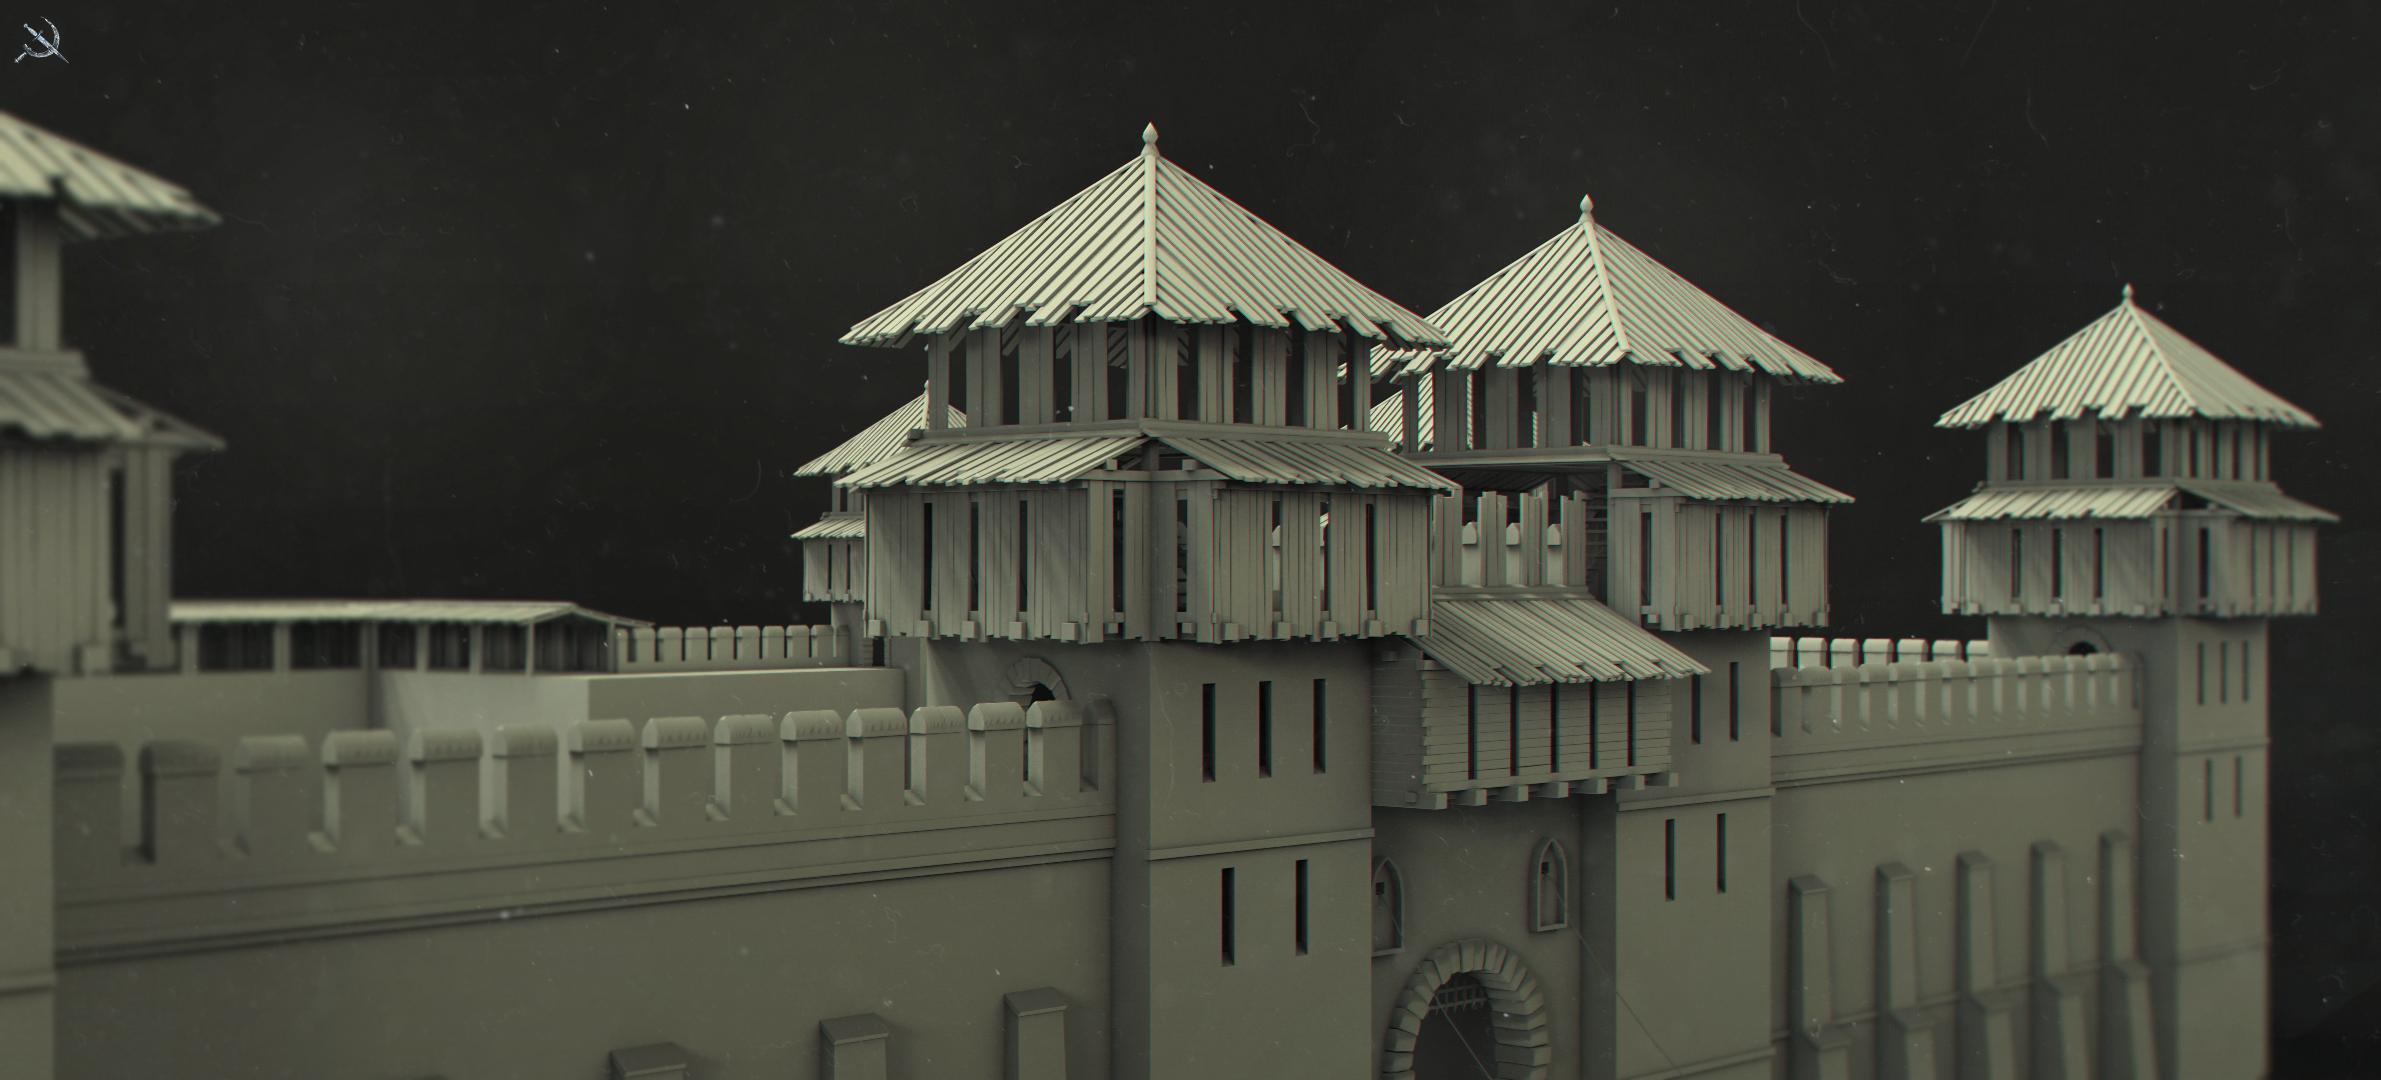 LIF murs chateaux 8